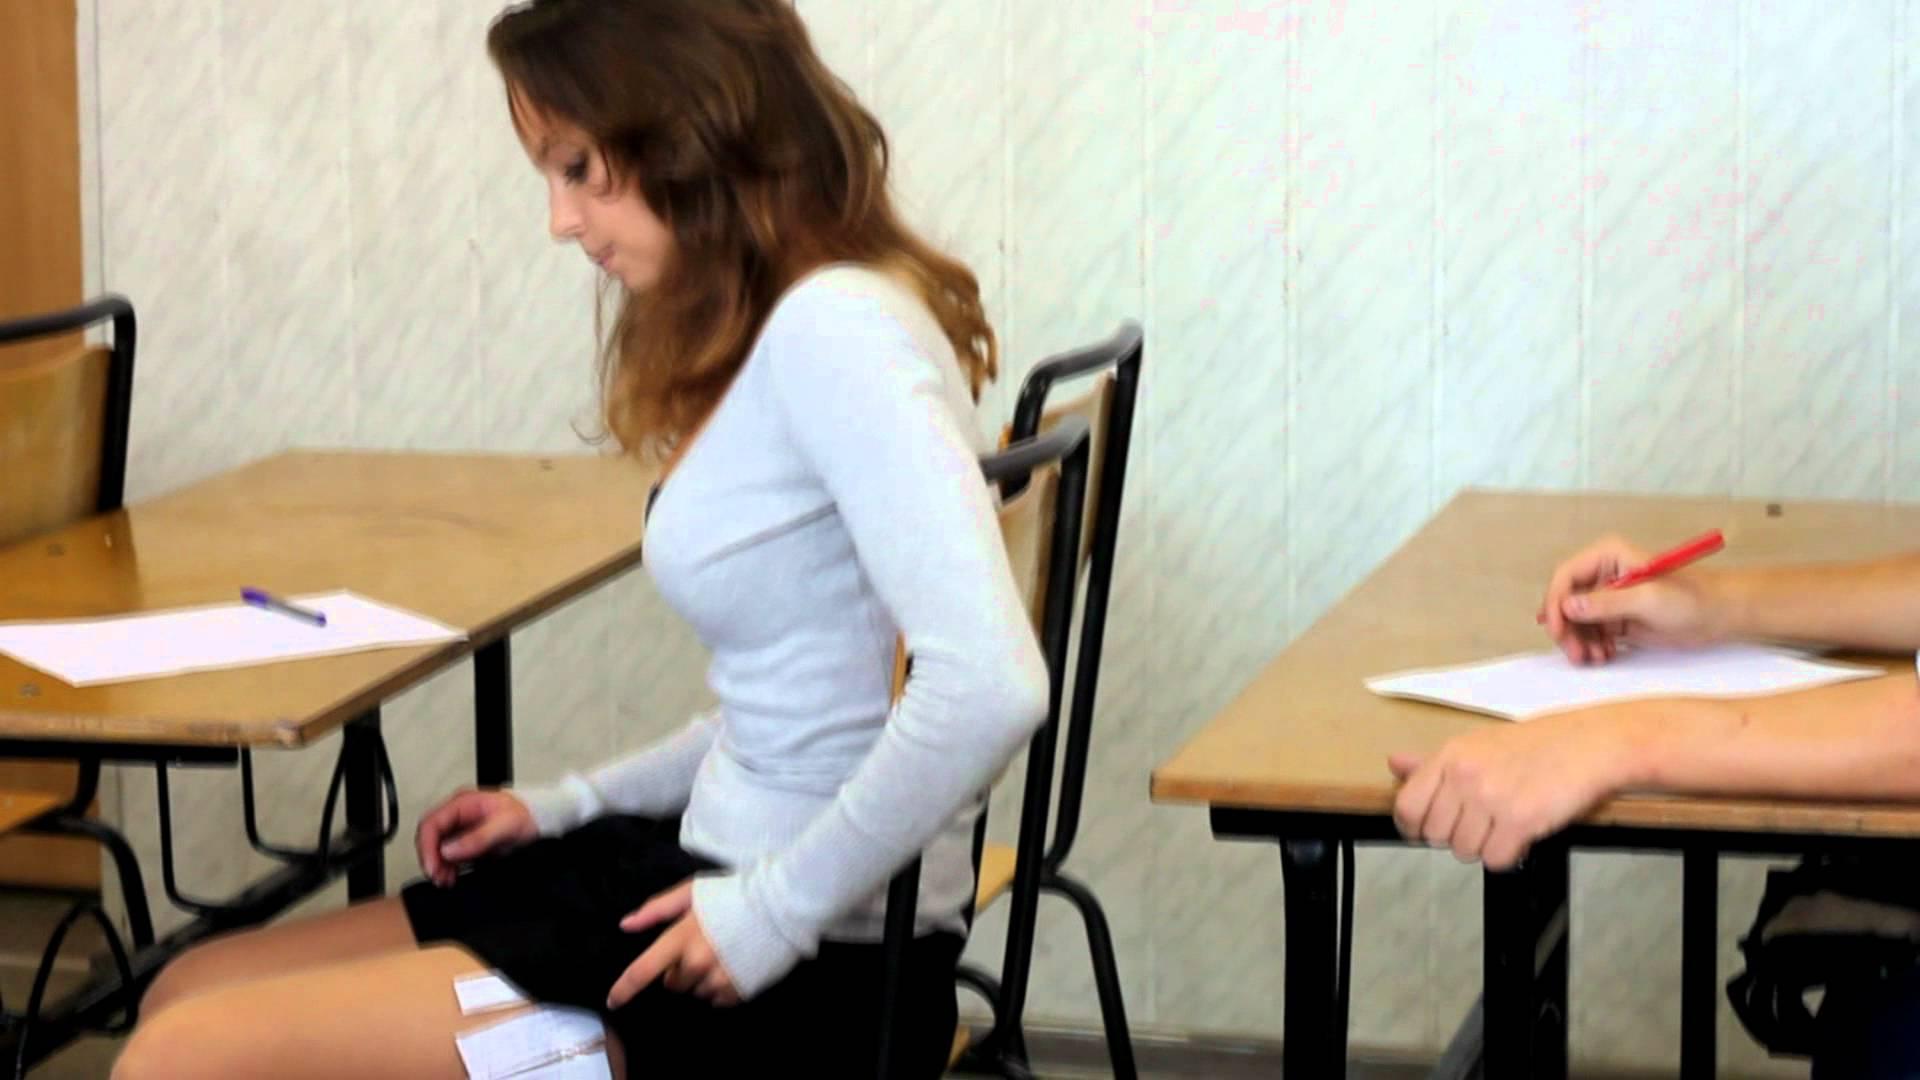 Порно видео студентка пересдает экзамен